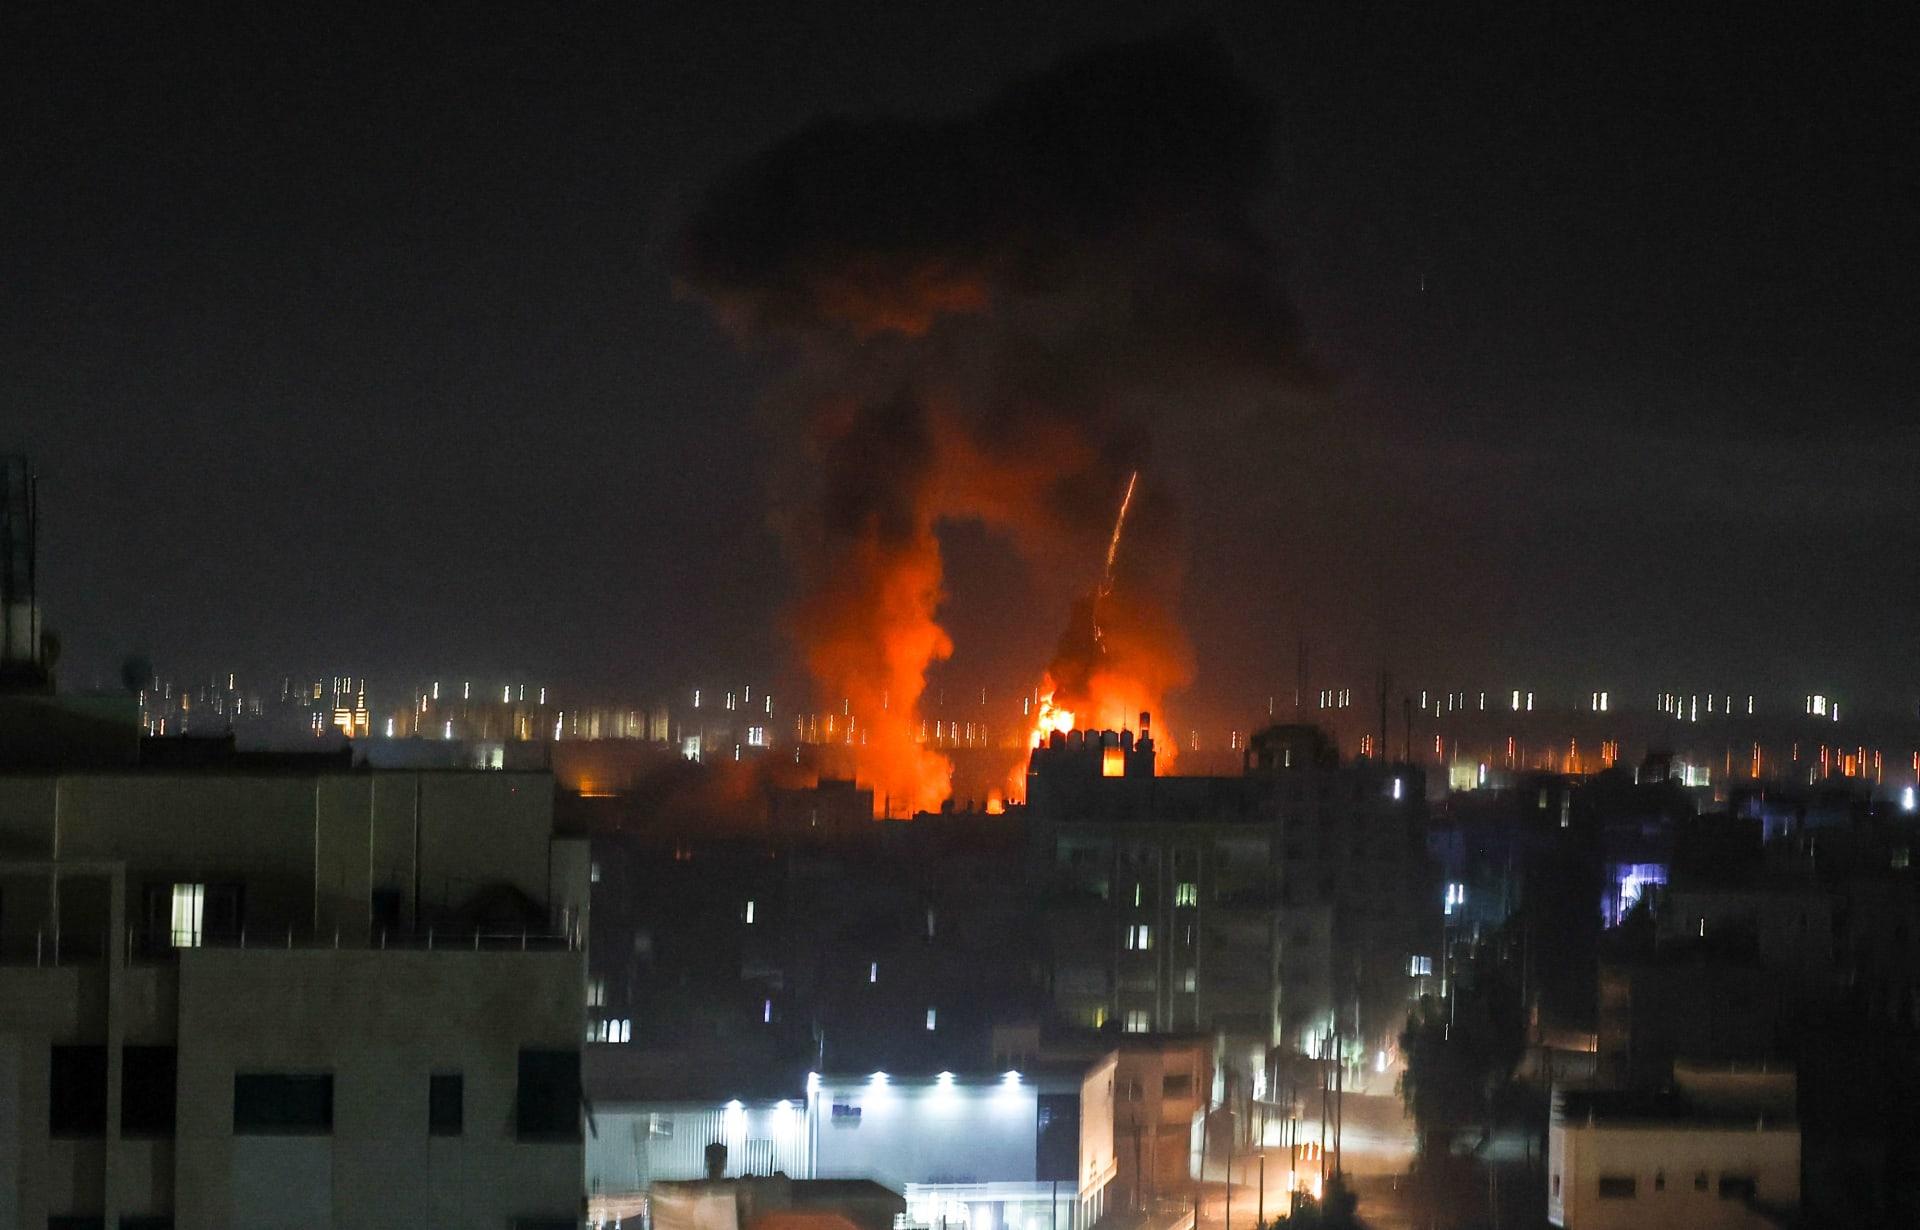 غارات جوية إسرائيلية على غزة - الأربعاء 16 يونيو 2021